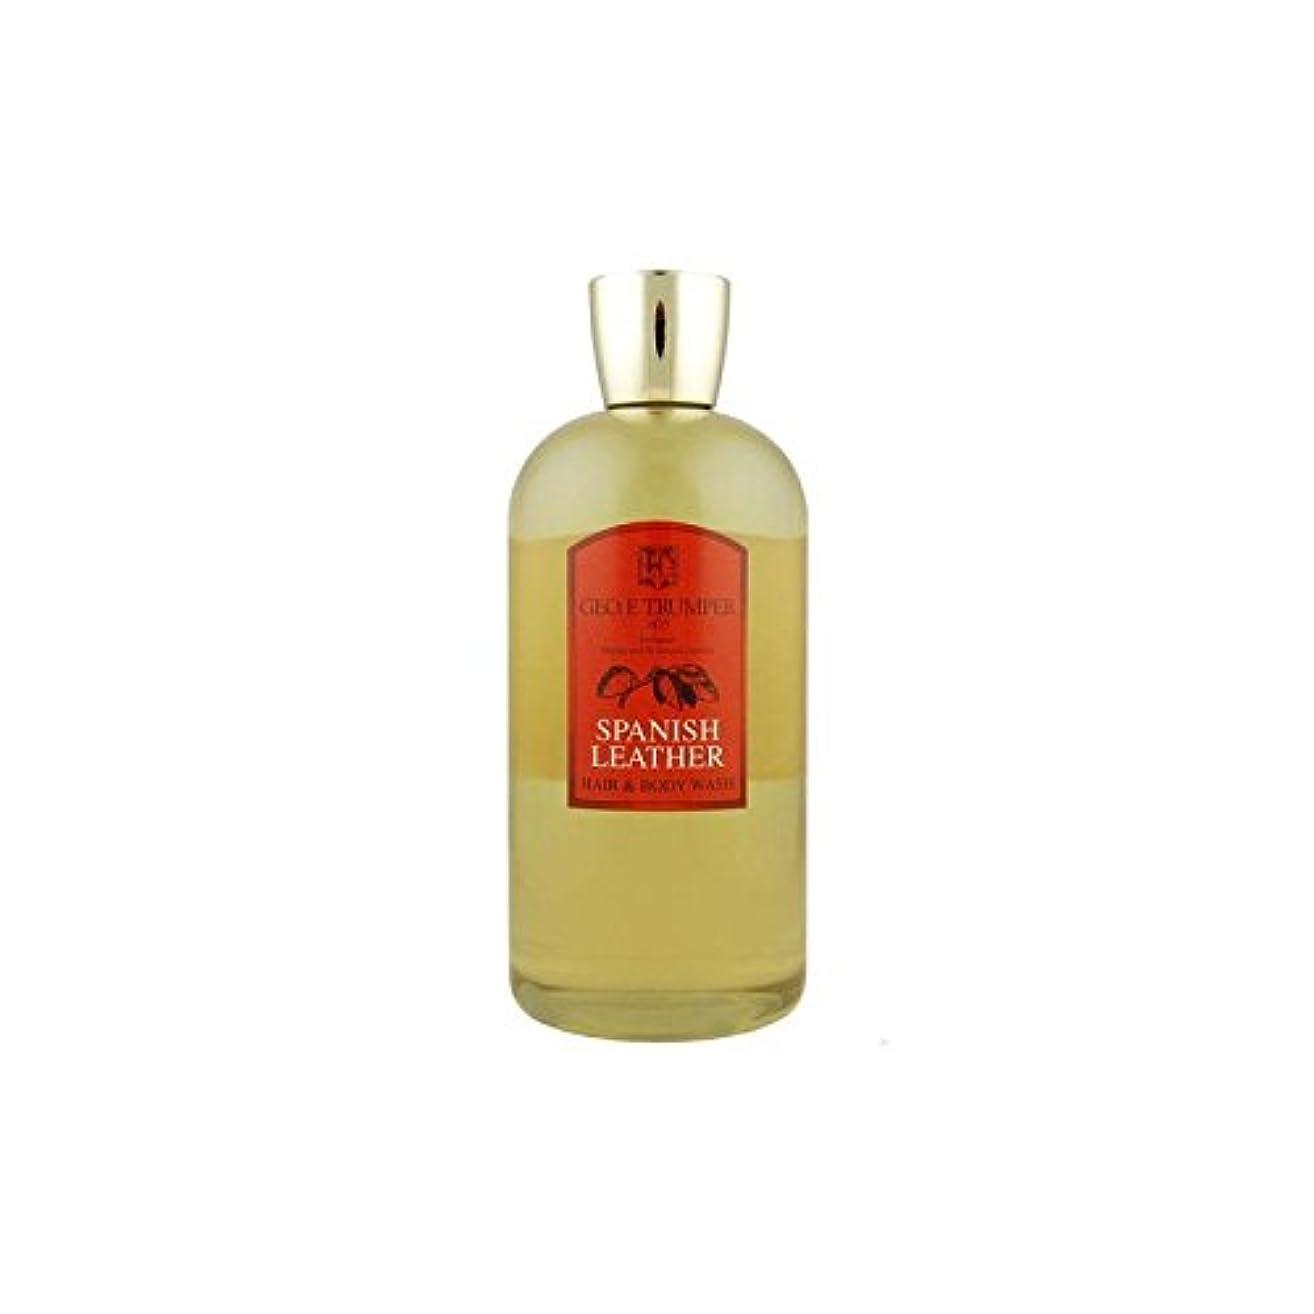 味わう複数伝統的Trumpers Spanish Leather Hair and Body Wash - 500mlTravel Bottle - 革の髪とボディウォッシュスペイン語 - 500ボトル [並行輸入品]